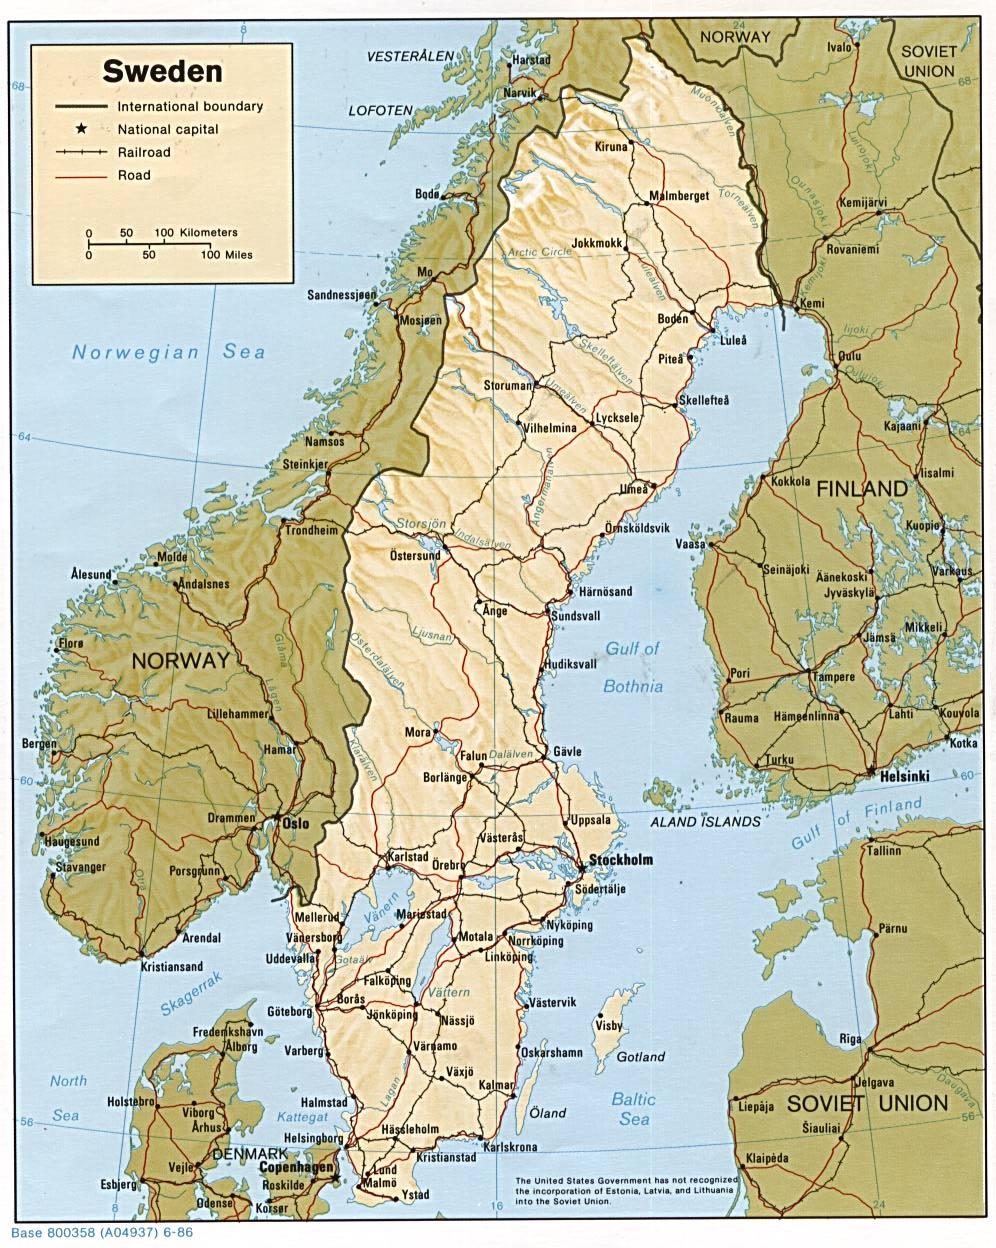 Mapa de Relieve Sombreado de Suecia